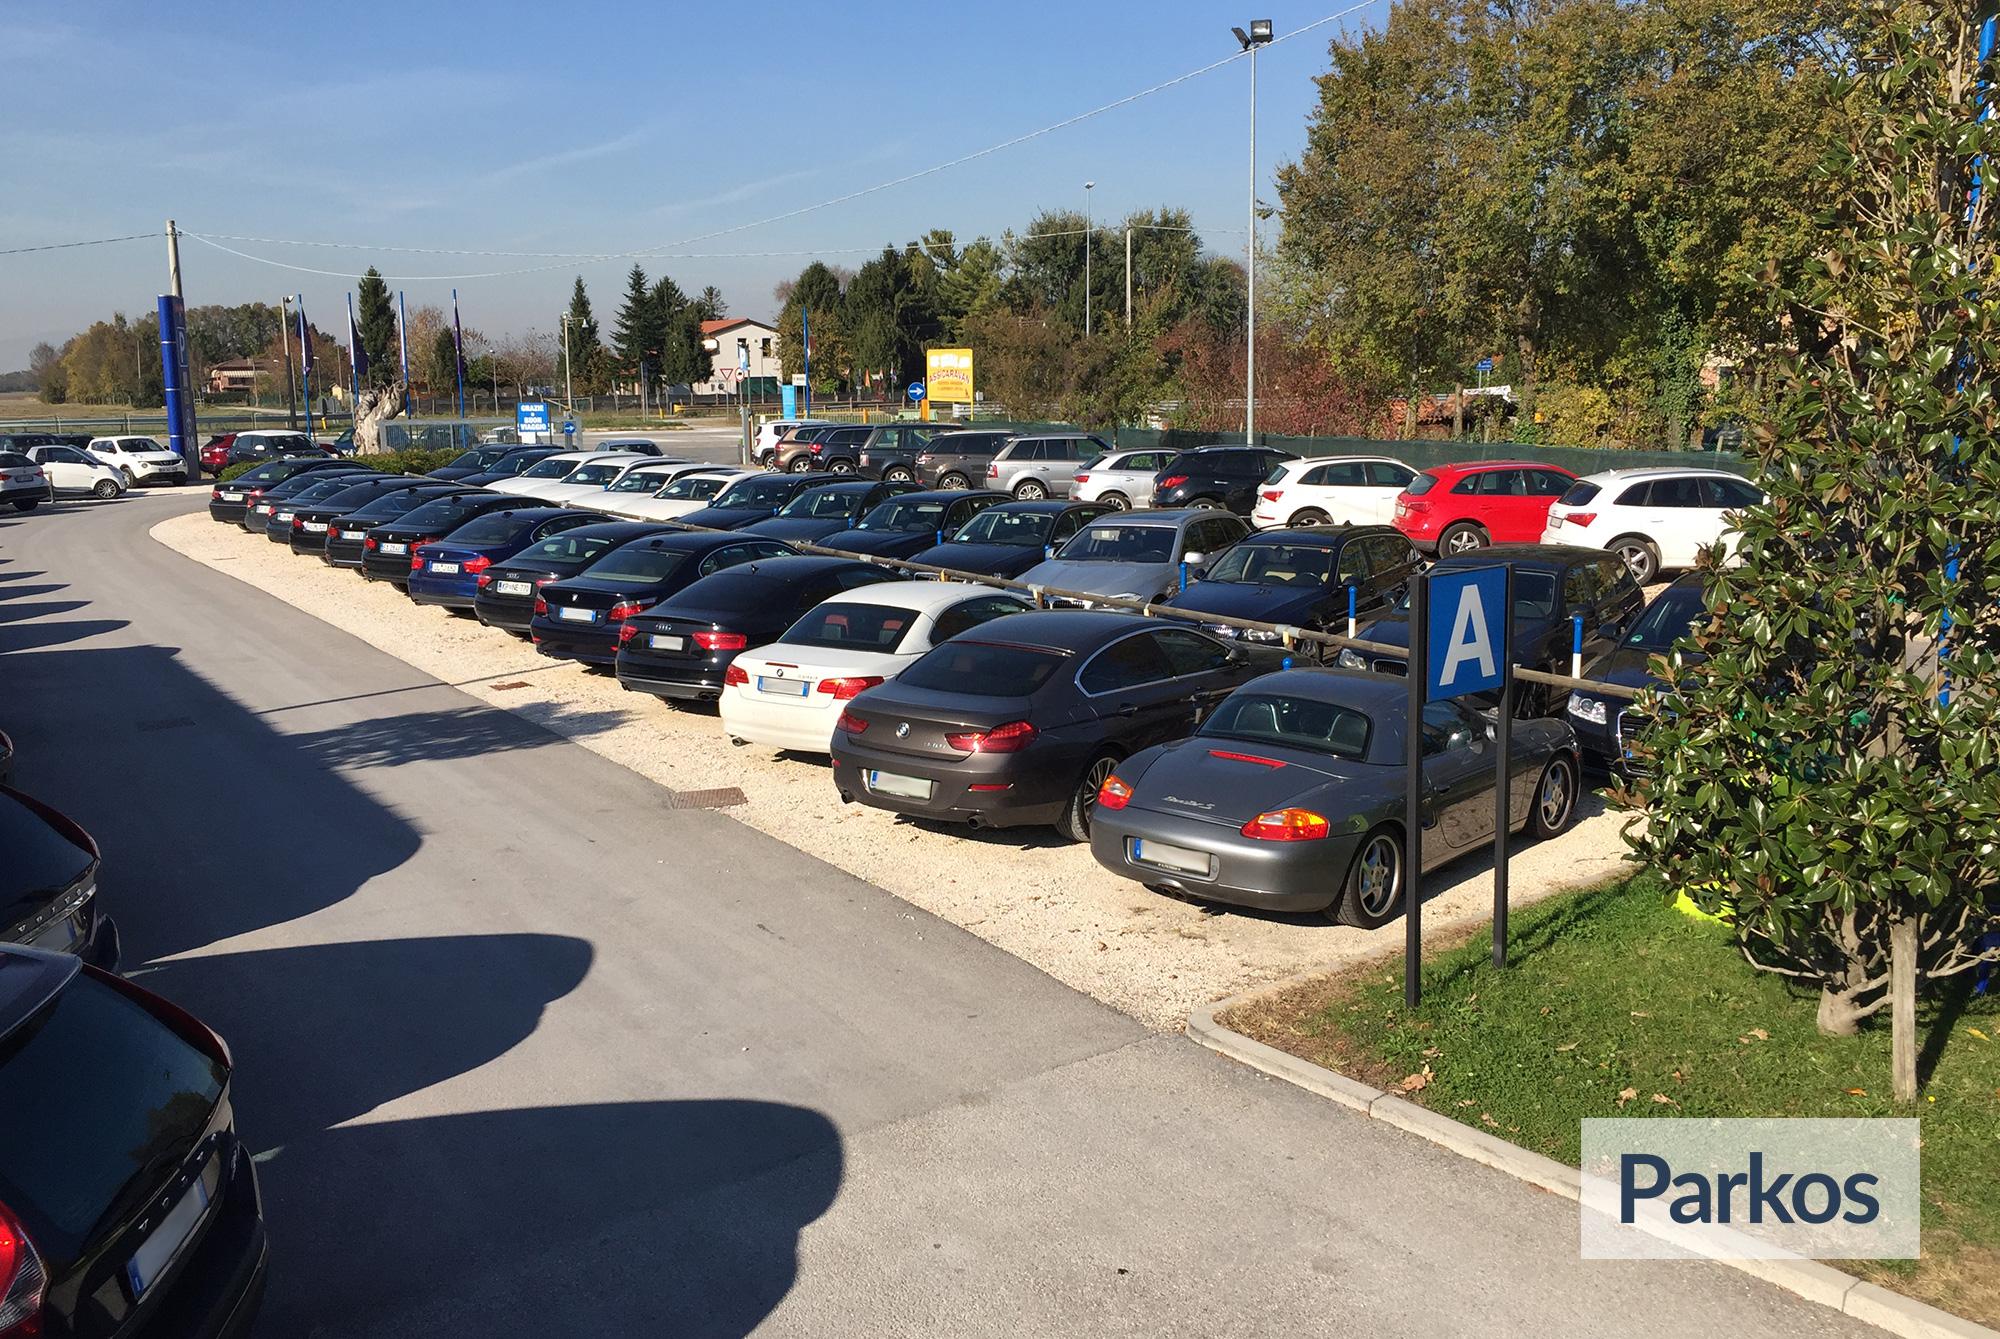 Aeroporto Treviso Parcheggio : Parcheggio marco polo prenota il tuo posto auto